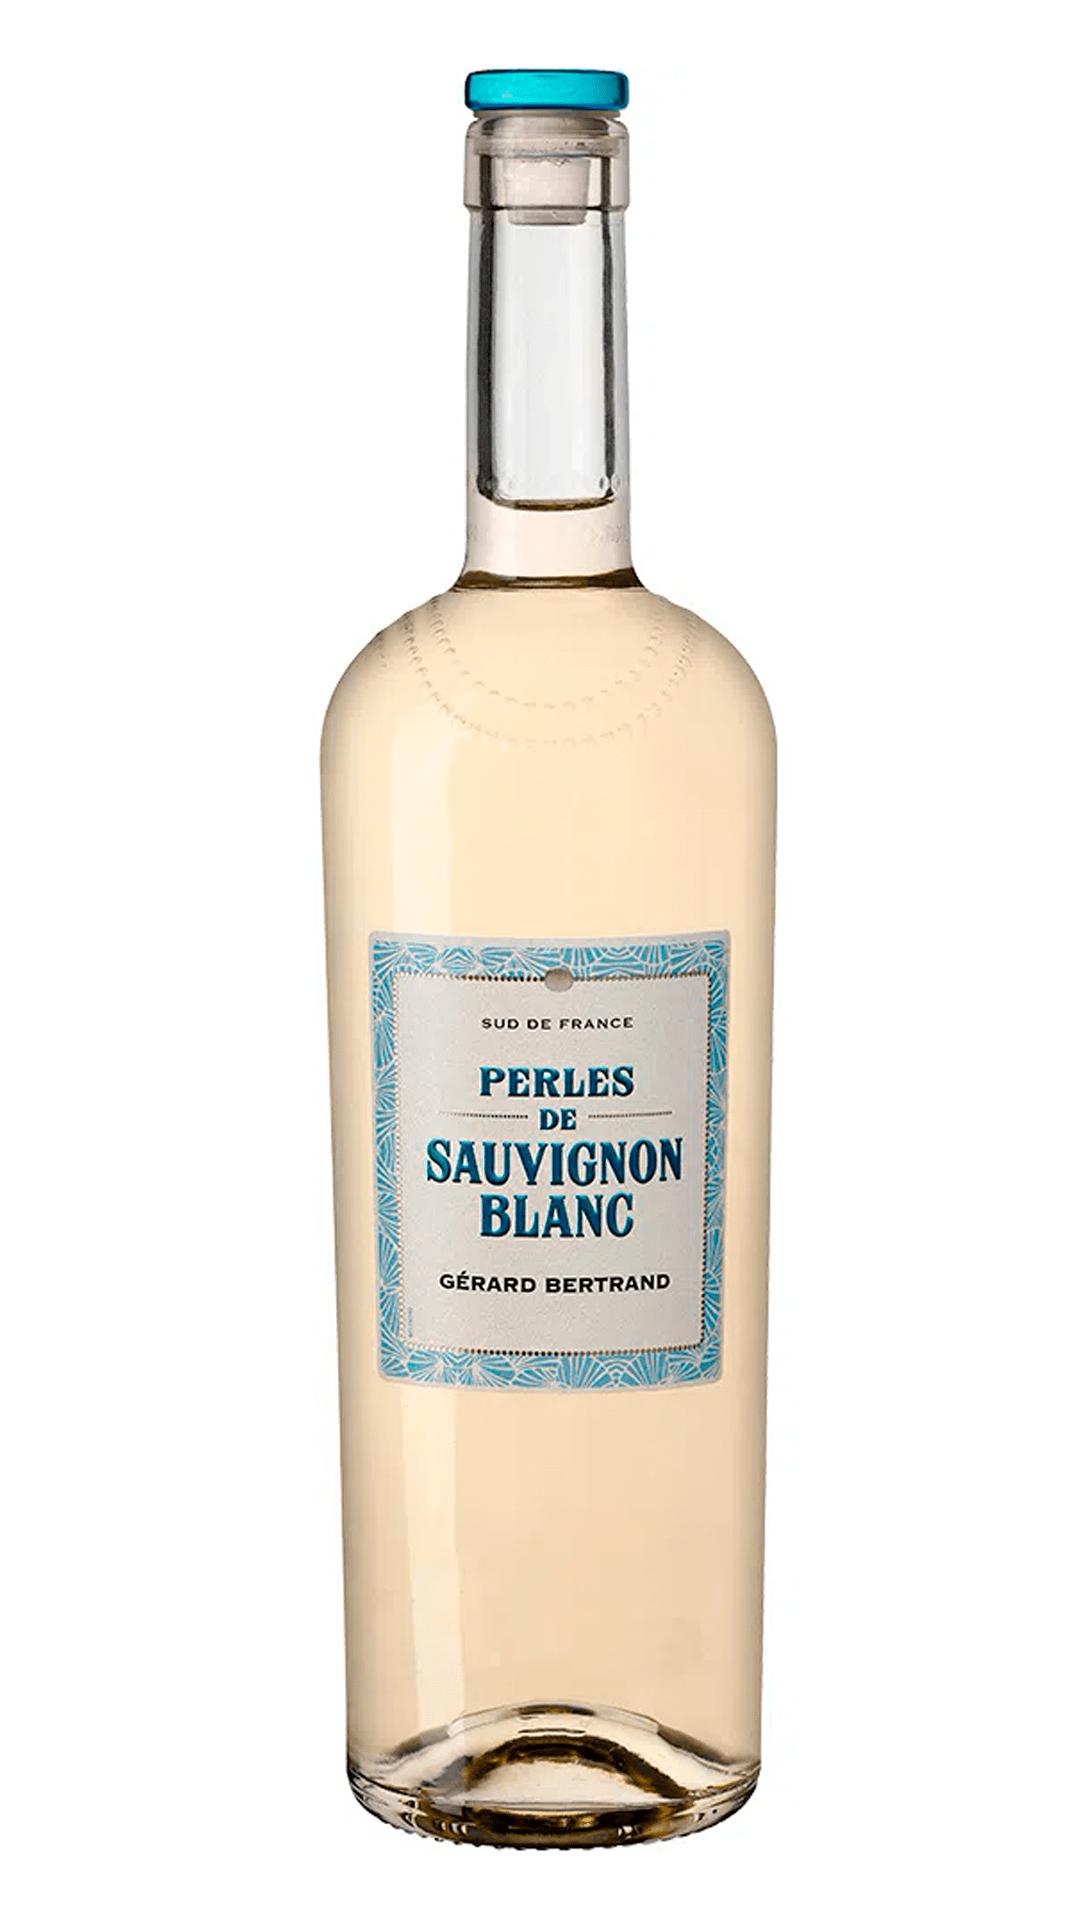 Perles-de-Sauvignon